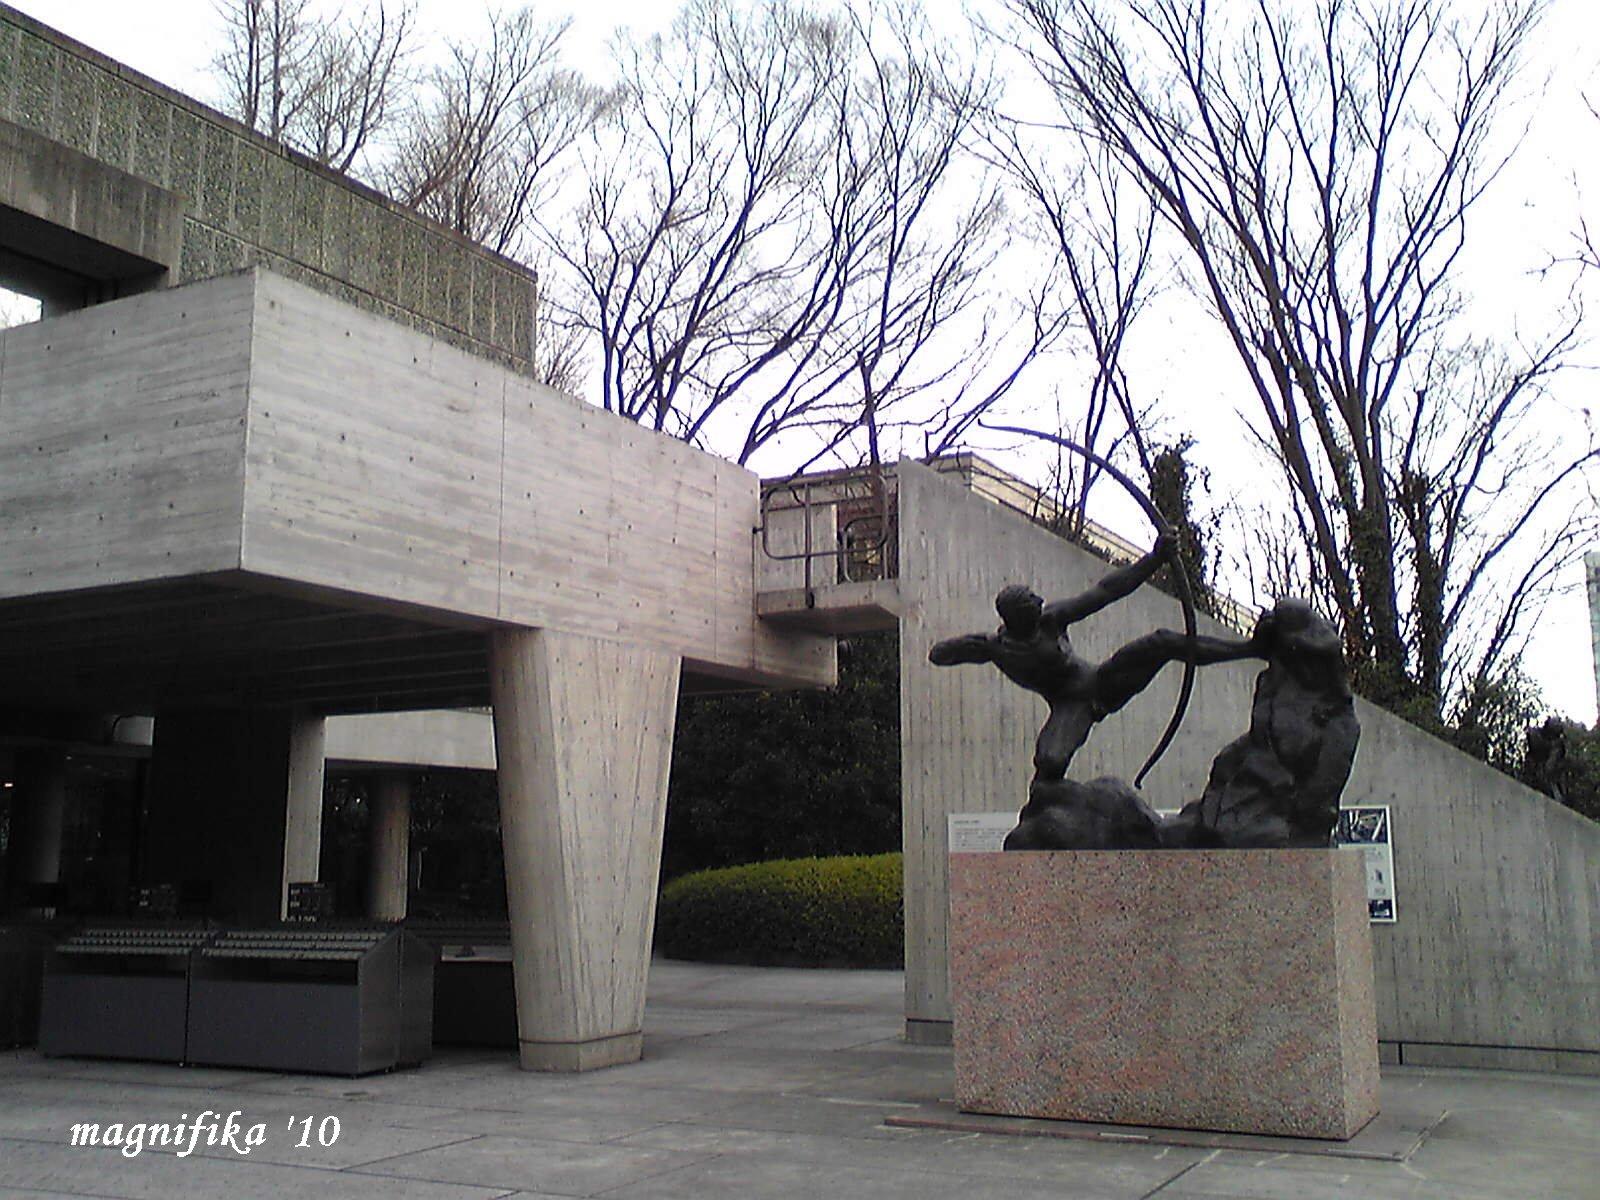 静岡県立美術館 ロダン館-2 Rodin Wing of Shizuoka Pref. Museum _e0140365_2241524.jpg